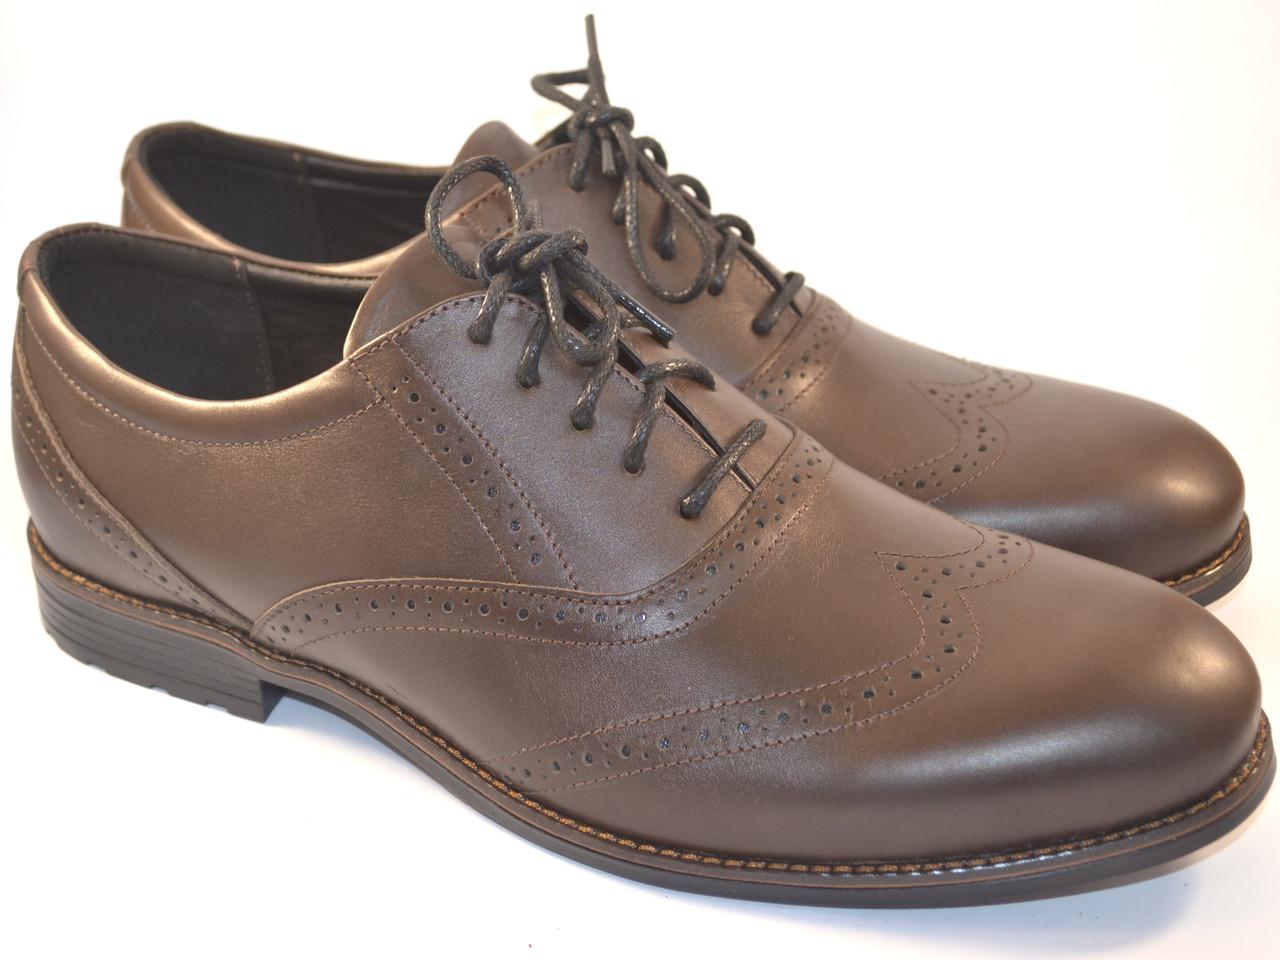 Туфли броги оксфорды кожа коричневые мужская обувь больших размеров Rosso Avangard BS Felicite Brown Leather